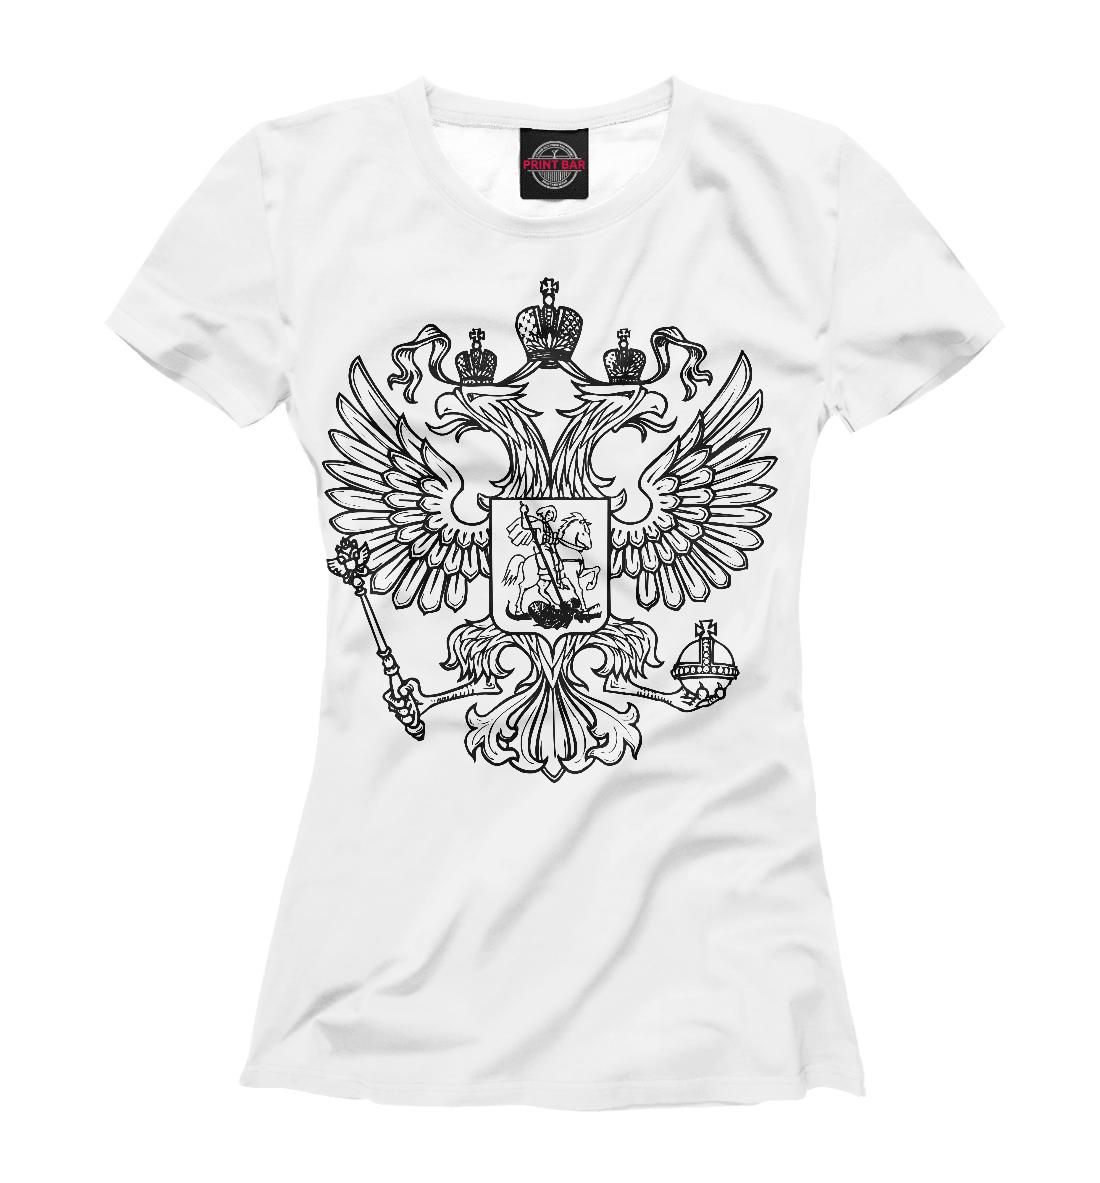 Купить Герб Российской Федерации (одноцветный), Printbar, Футболки, SRF-680904-fut-1